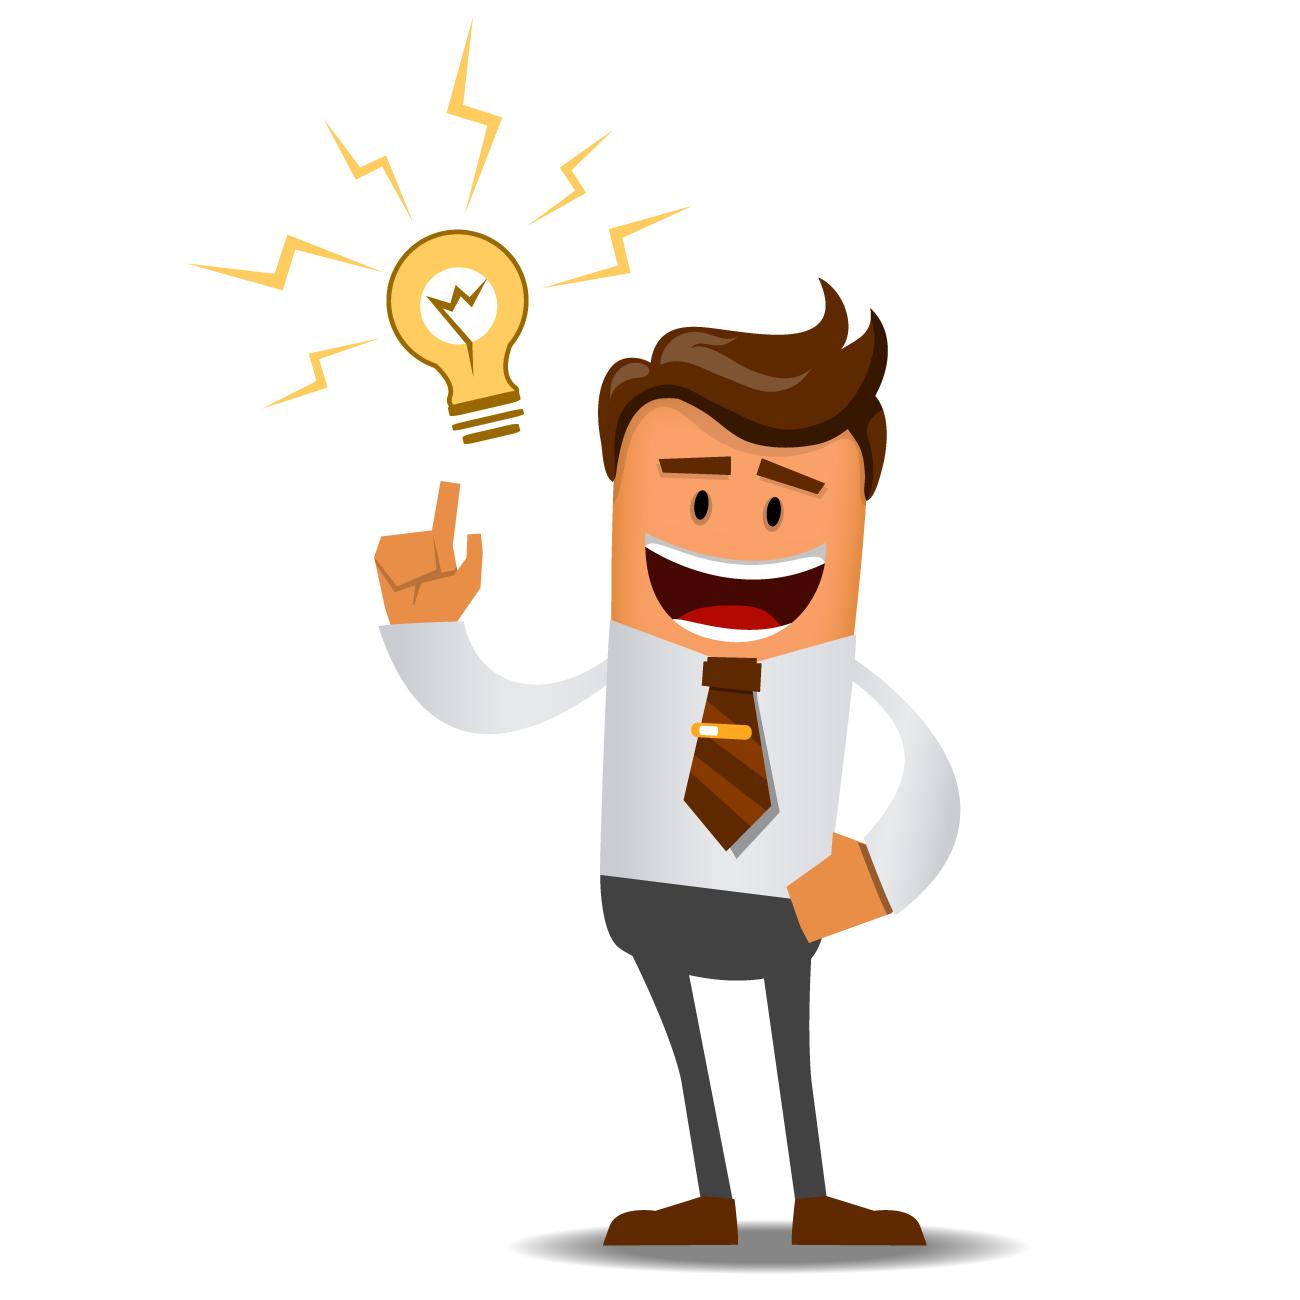 Ideia de produto e serviço Hibridize